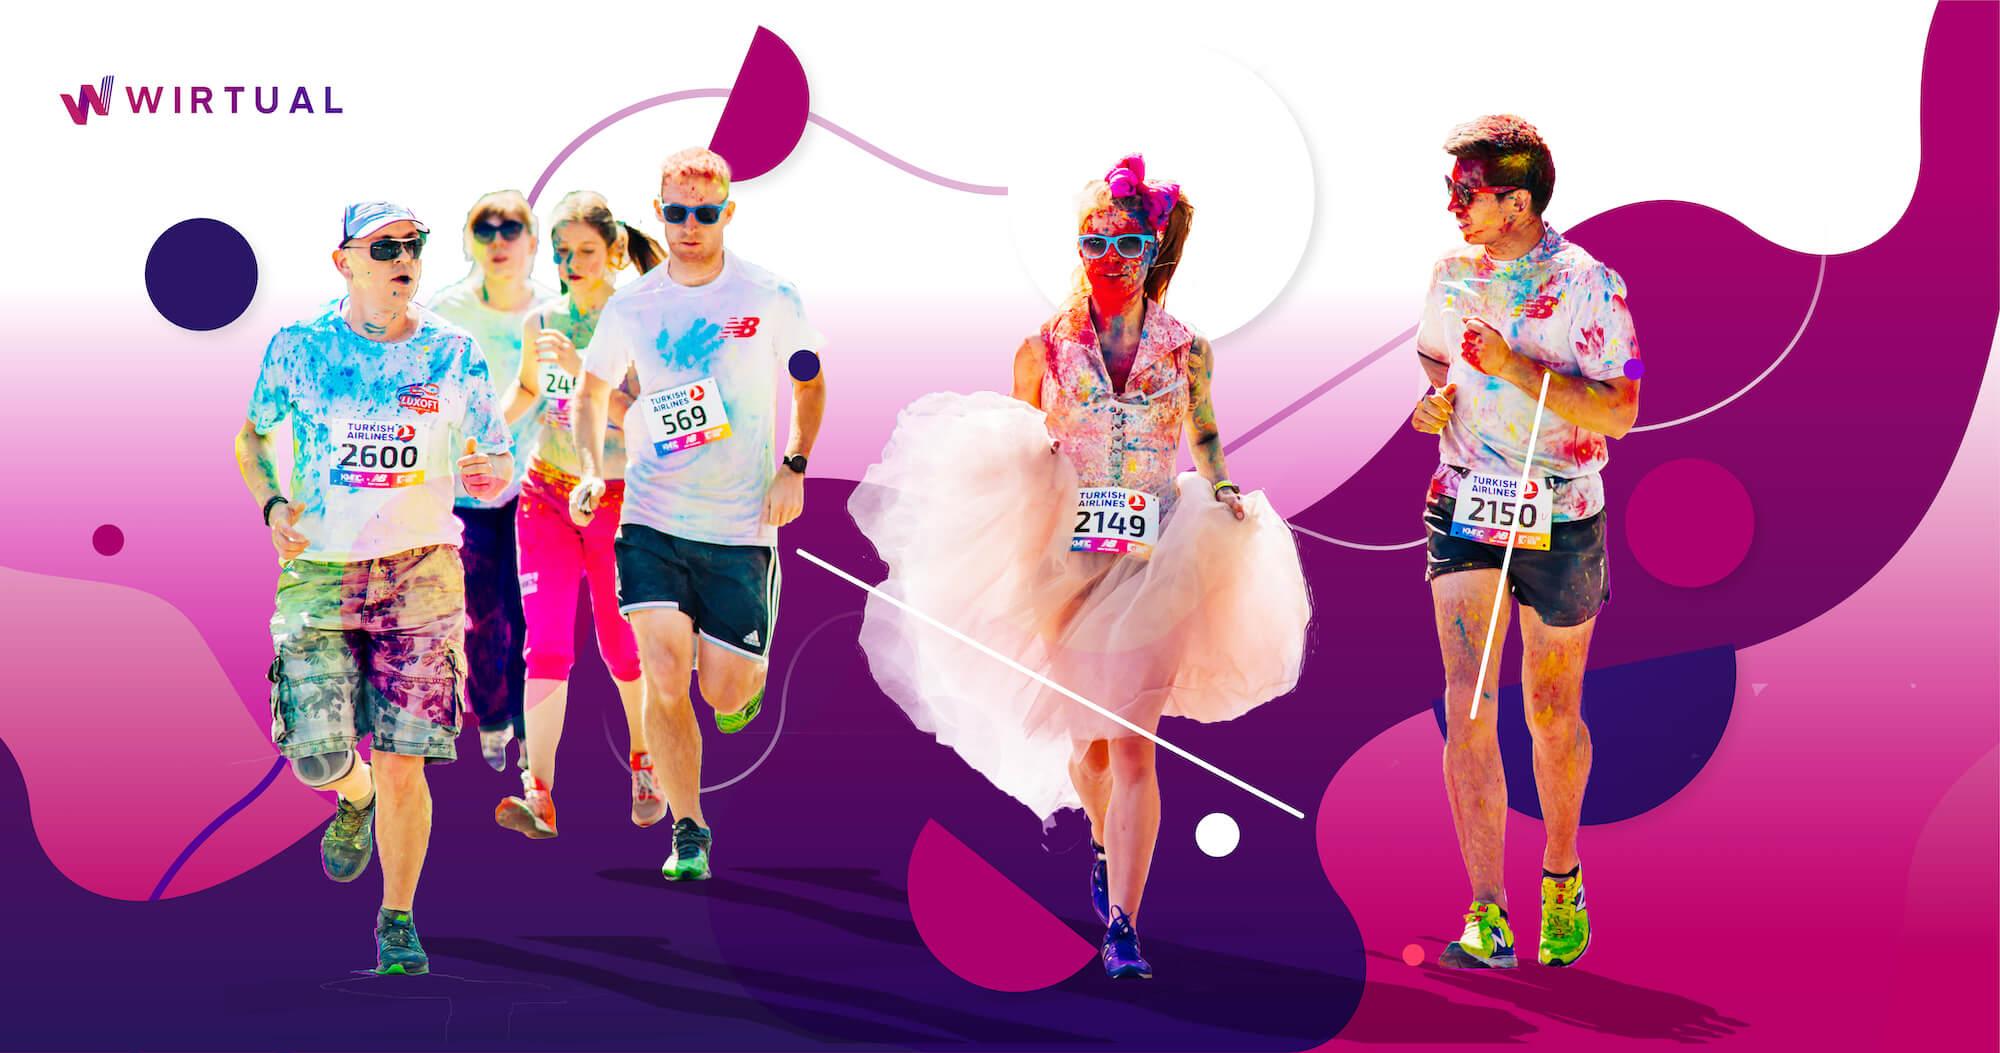 9 งานวิ่งสุดแปลก ที่ช่วยสร้างสีสันให้กับการวิ่งมาราธอน